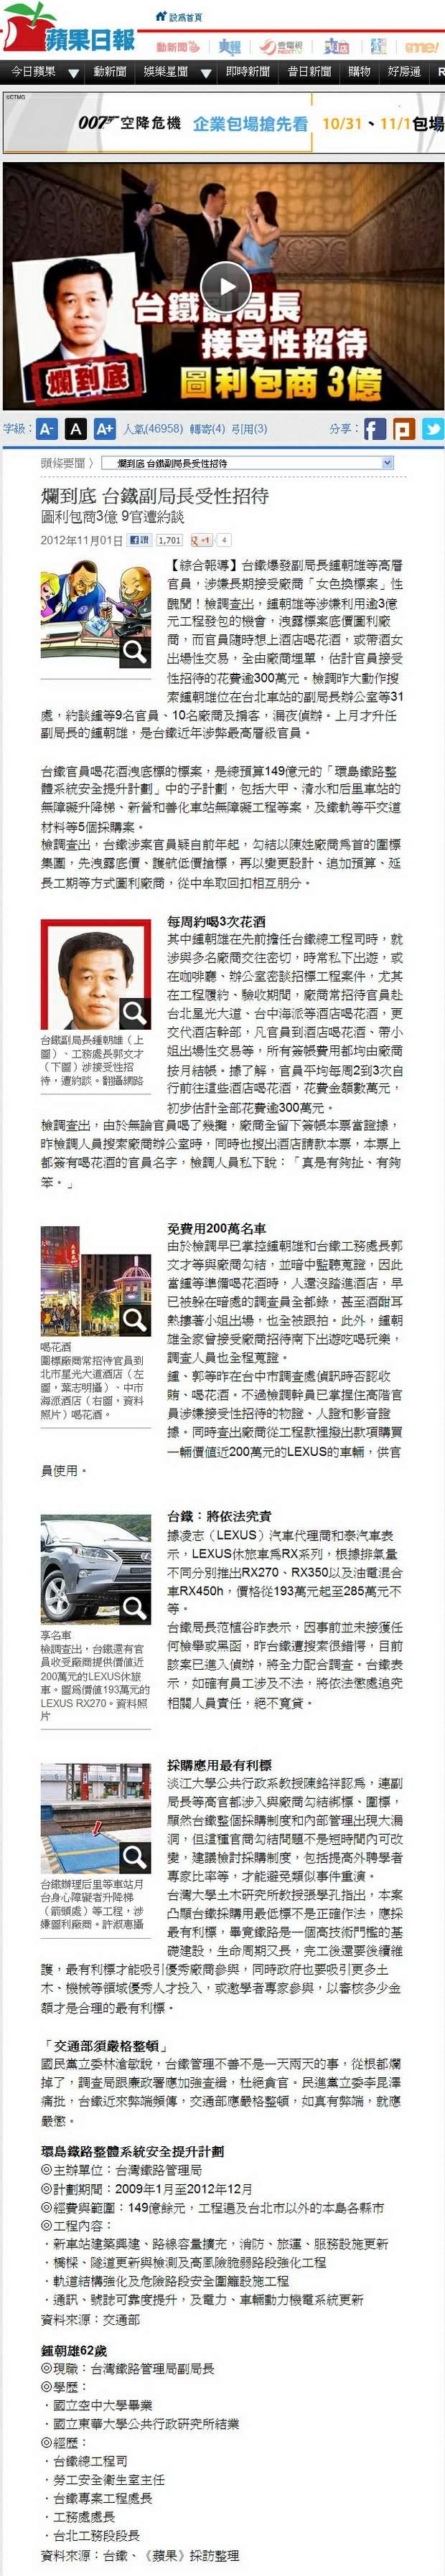 爛到底 台鐵副局長受性招待-2012.11.01-01